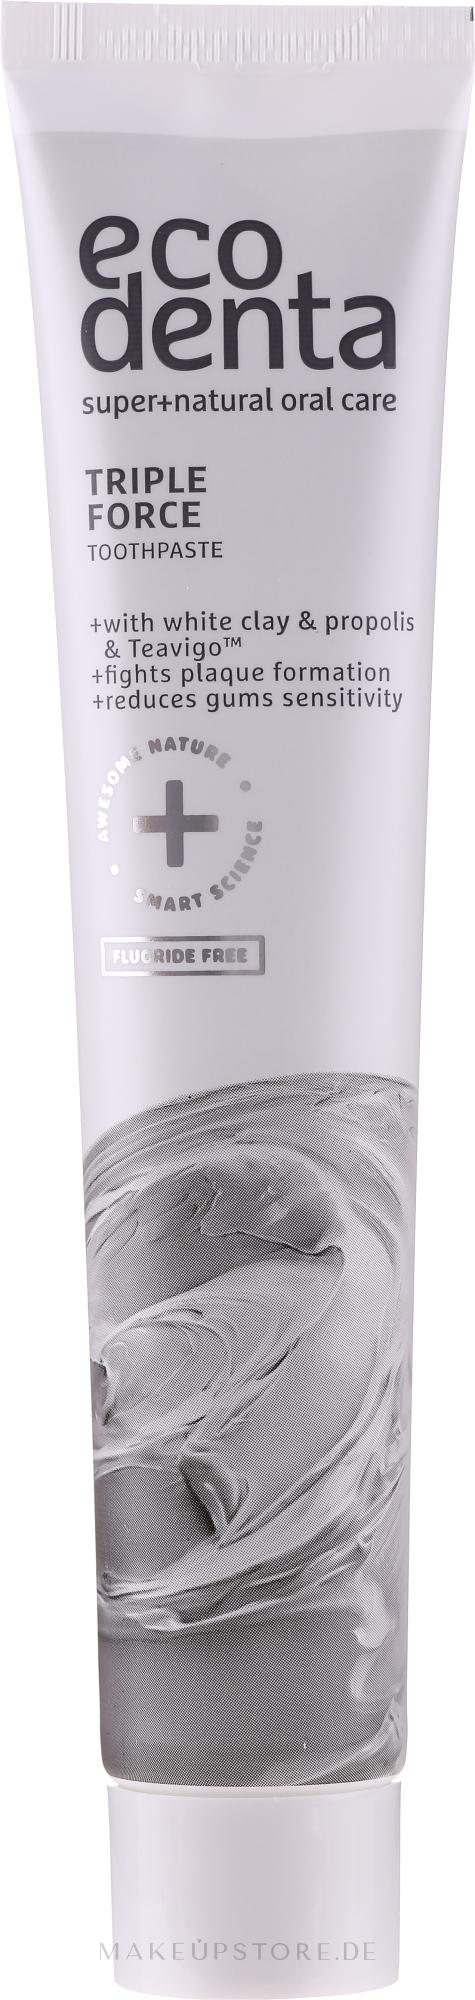 Zahnpasta mit weißem Ton, Propolis und Teavigo - Ecodenta Extra Toothpaste — Bild 75 ml